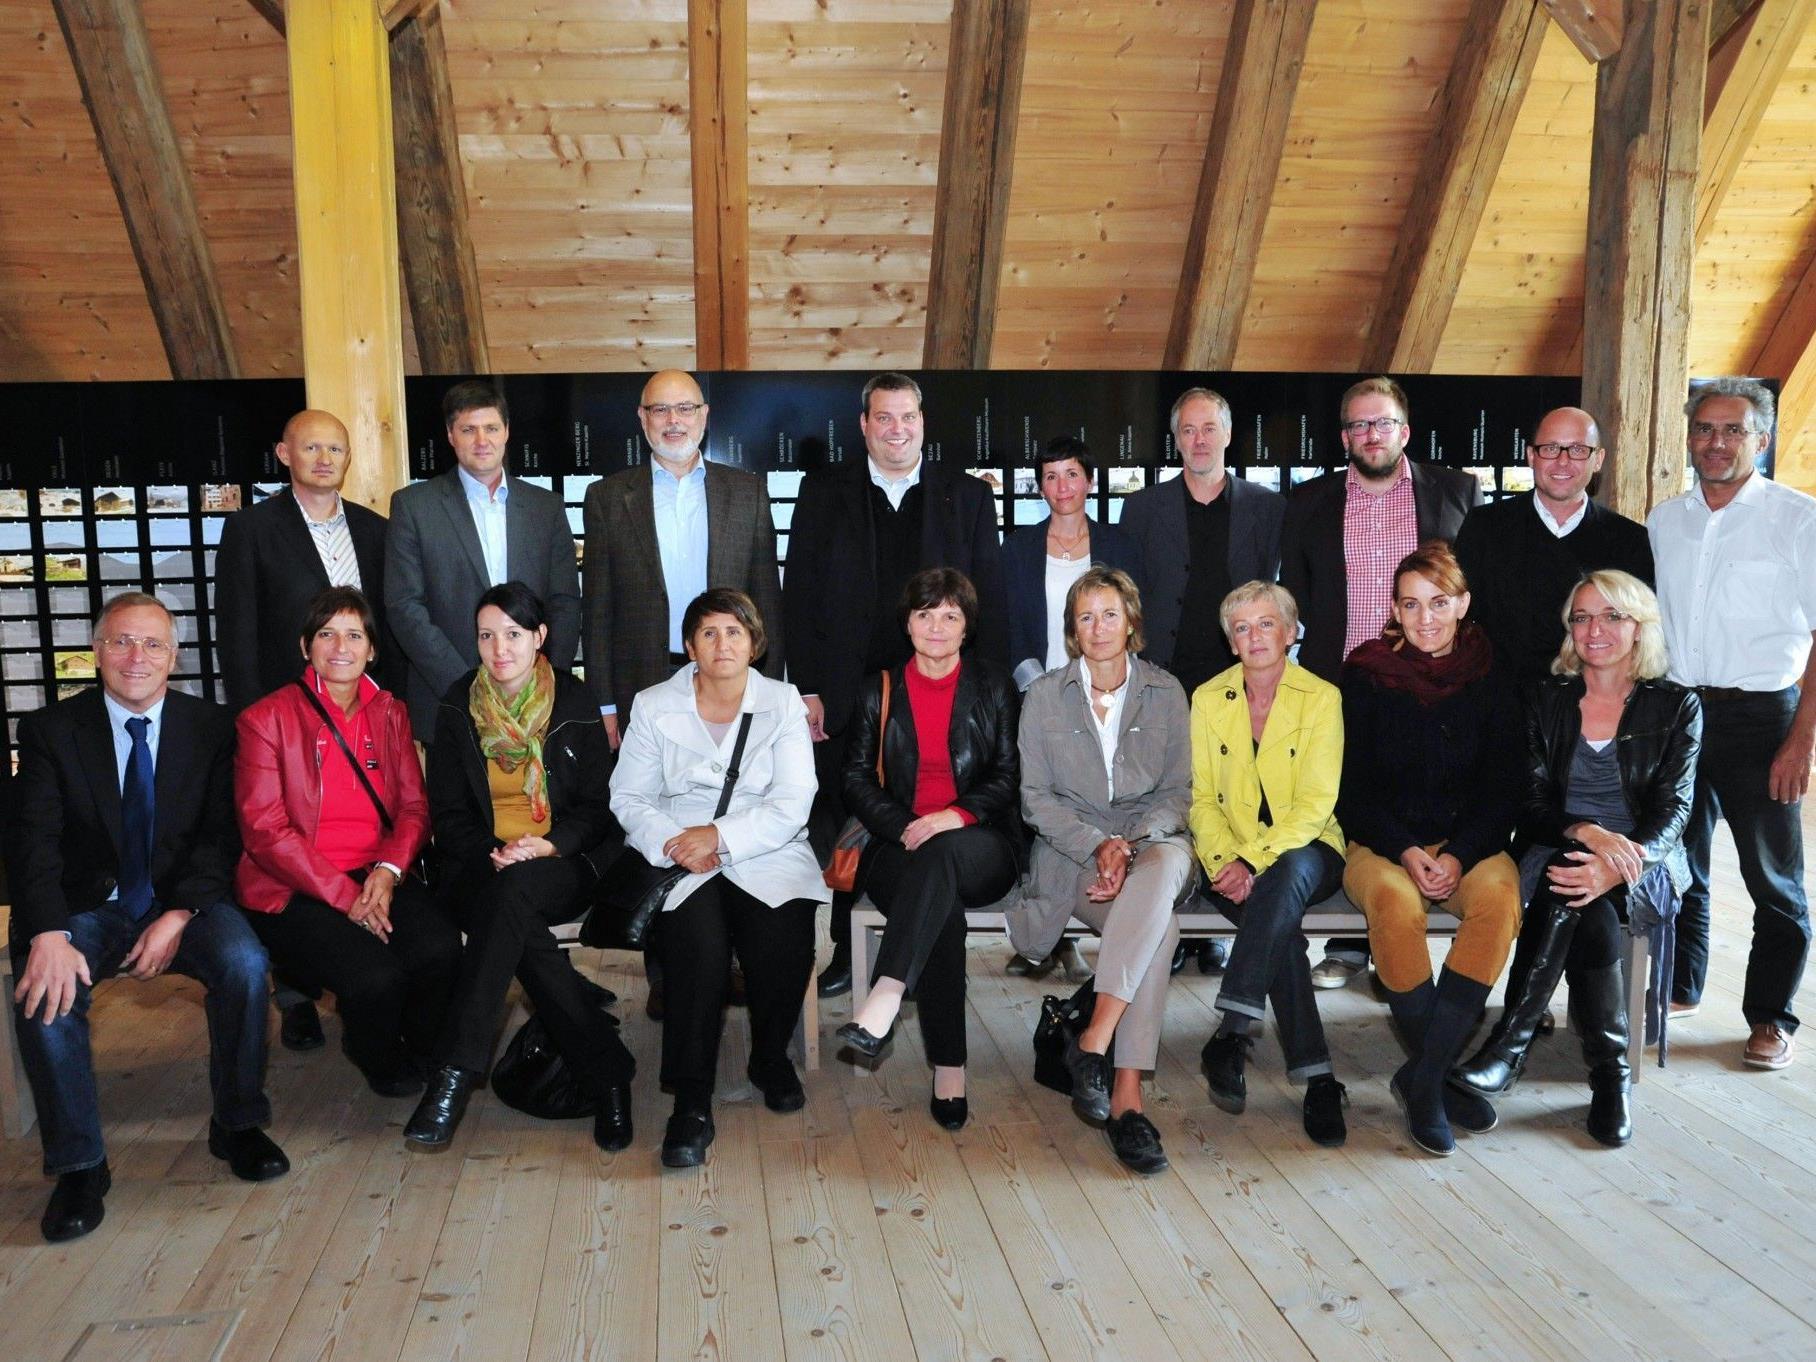 Die TeilnehmerInnen an der Landtagsexkursion ins Bauernhaus-Museum Wolfegg.